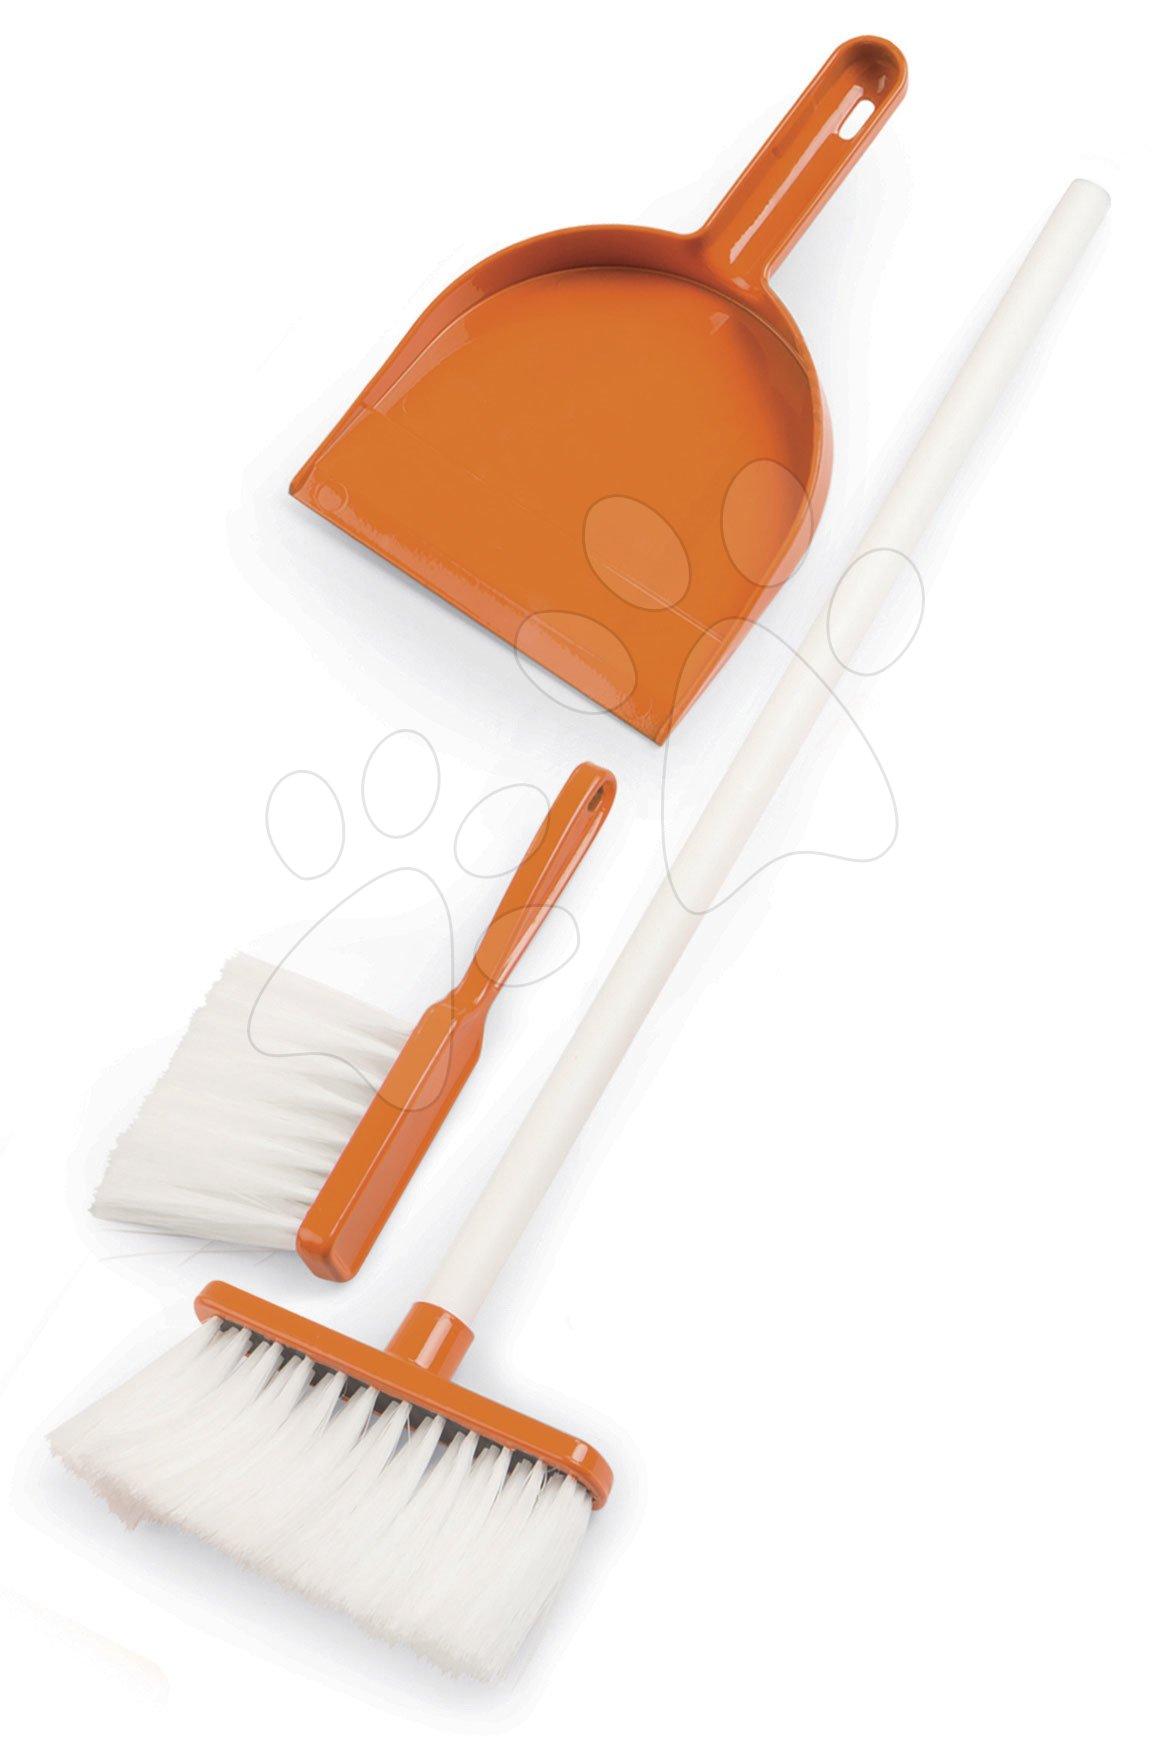 Smeták s lopatkou na úklid Aqua Clean Smoby oranžový 3dílný